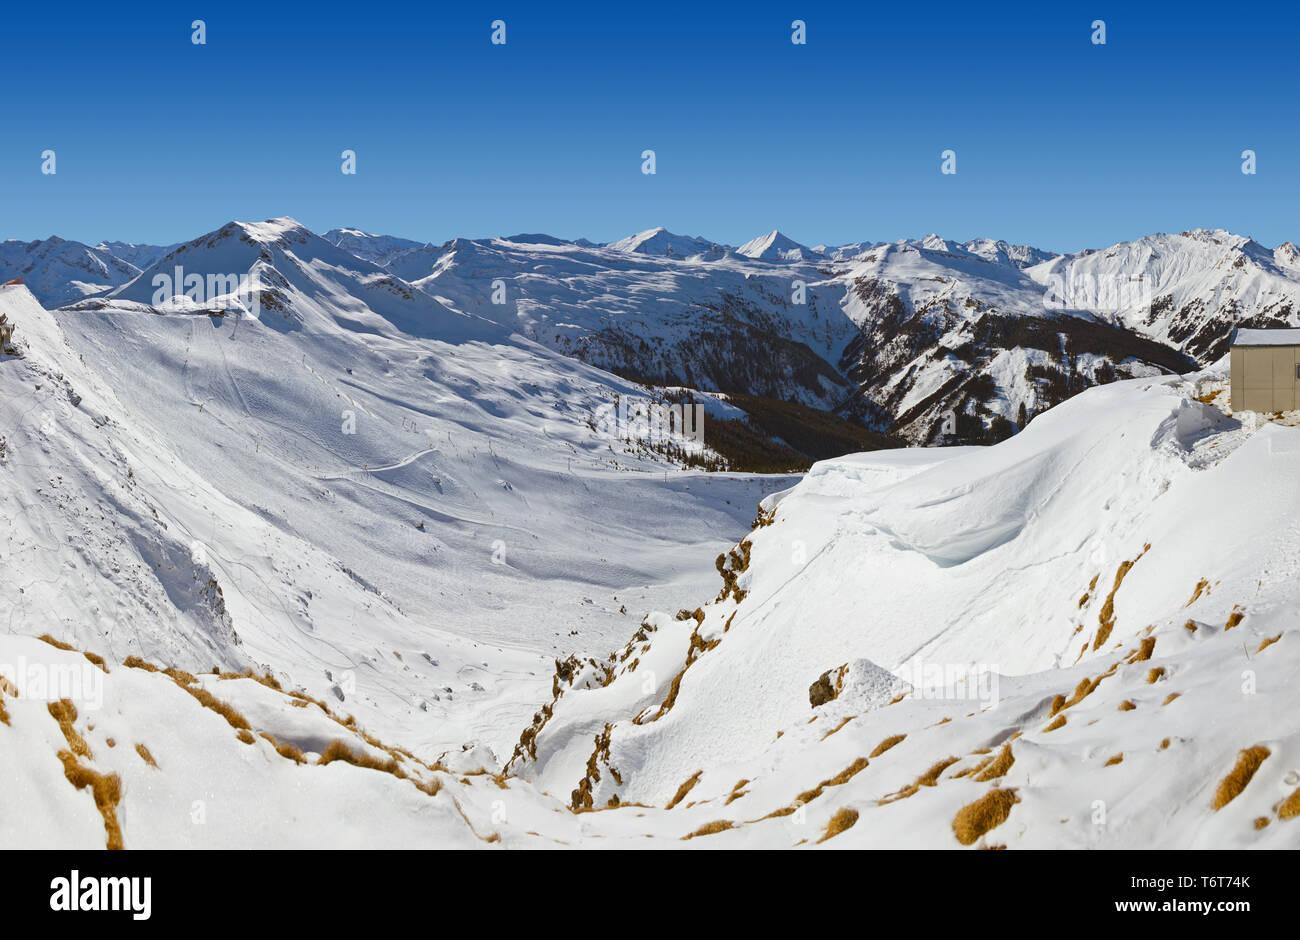 Mountains ski resort Bad Gastein - Austria - Stock Image